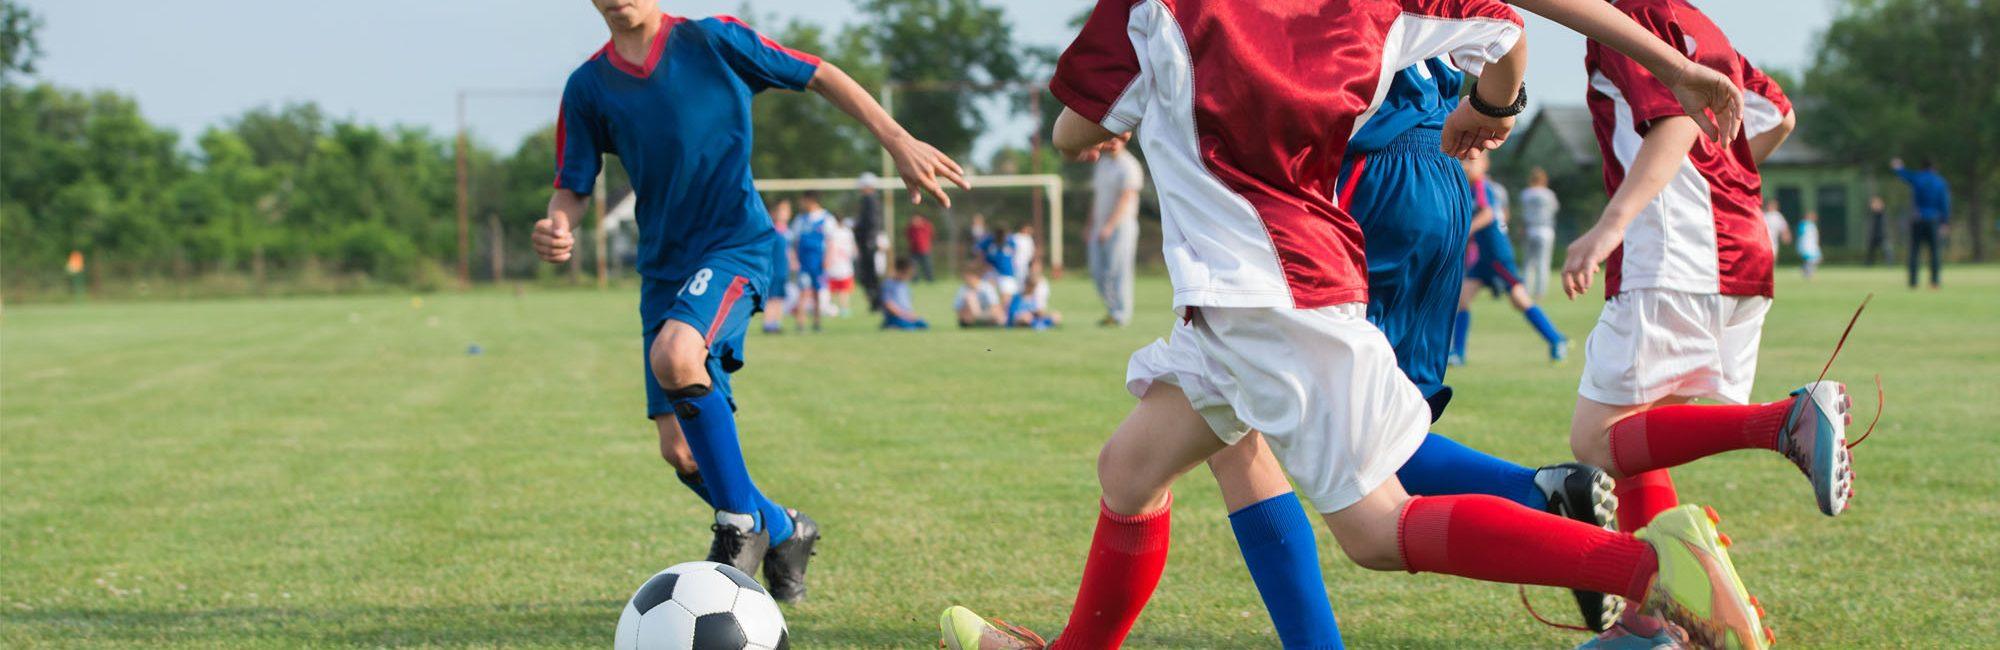 Smiths Sports Academy